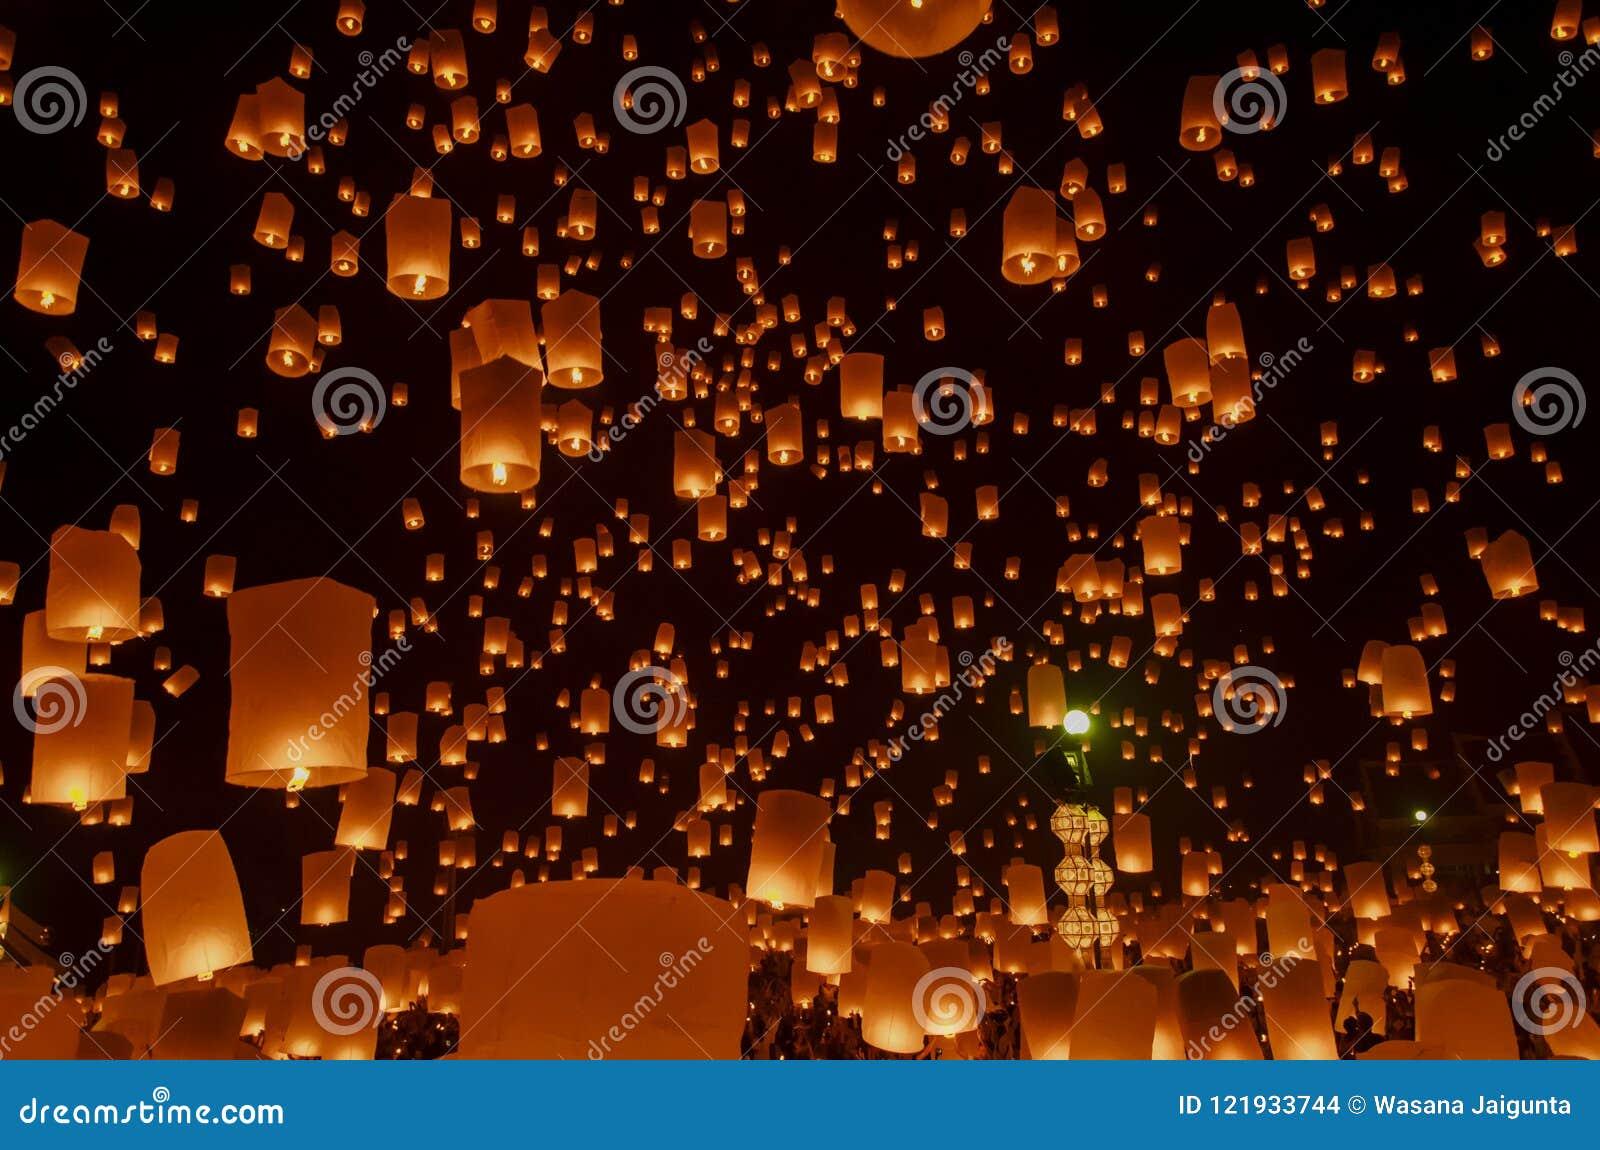 Floating Lanterns Or Balloon On The Sky Background Stock Photo Image Of Like Landmark 121933744